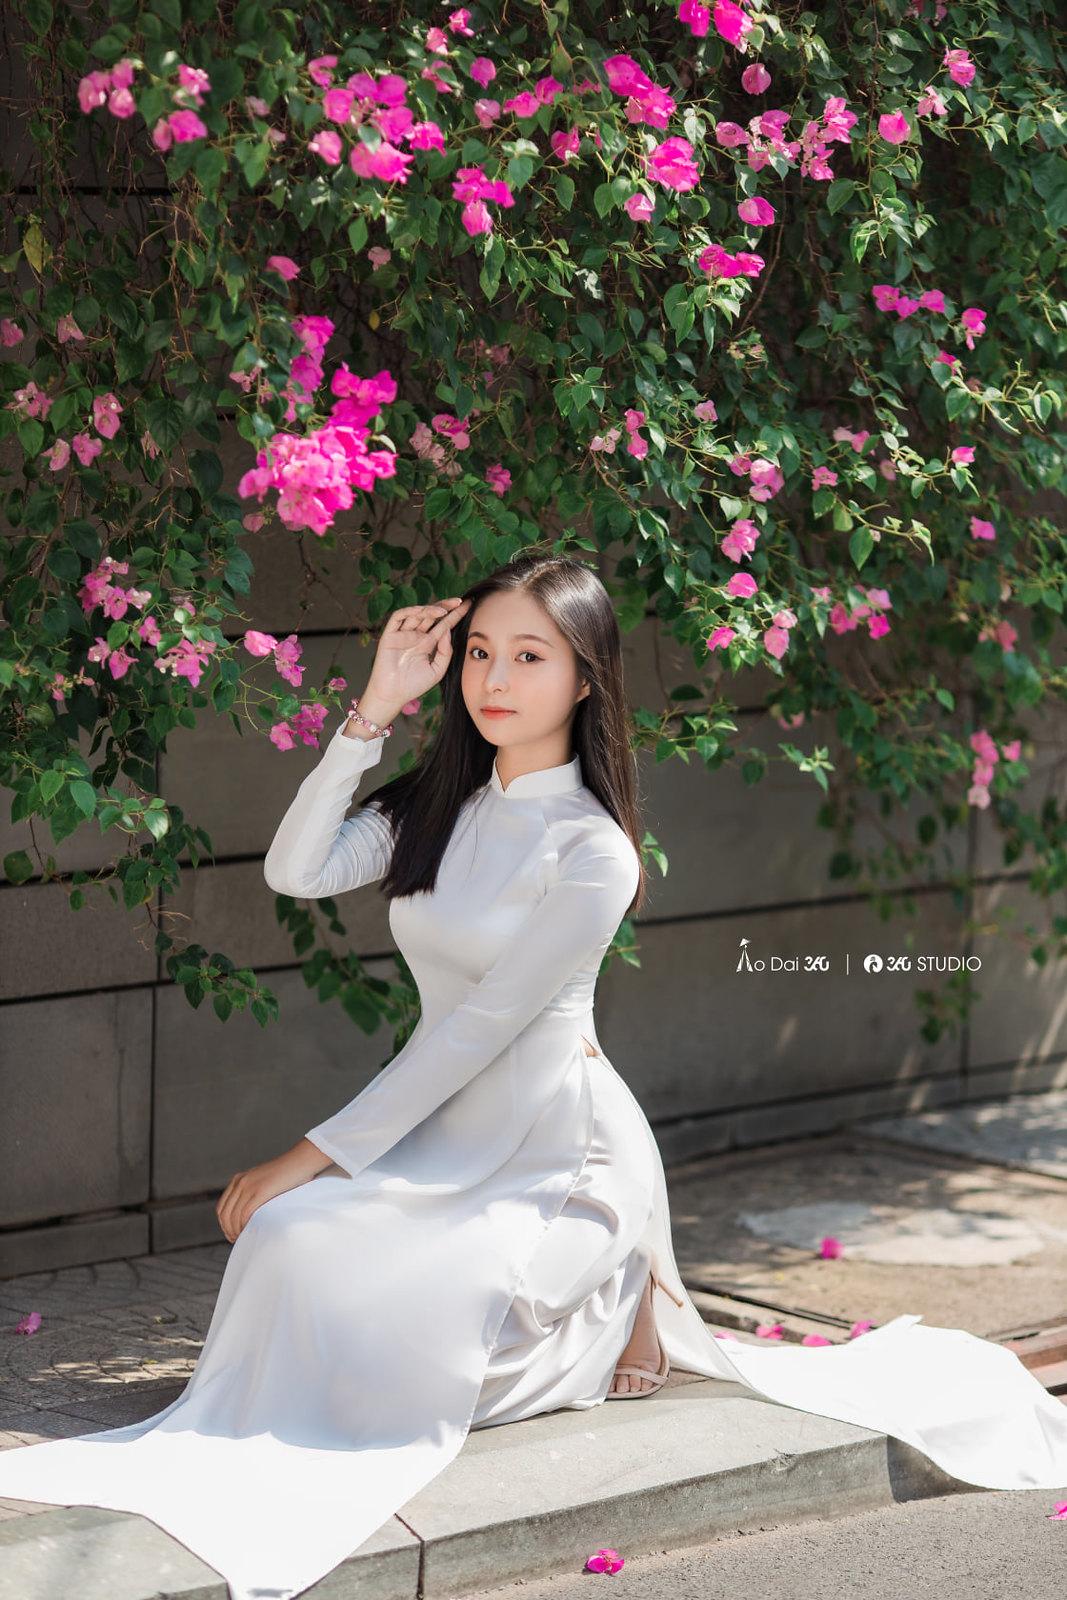 Tuyển tập girl xinh gái đẹp Việt Nam mặc áo dài đẹp mê hồn #57 - 23